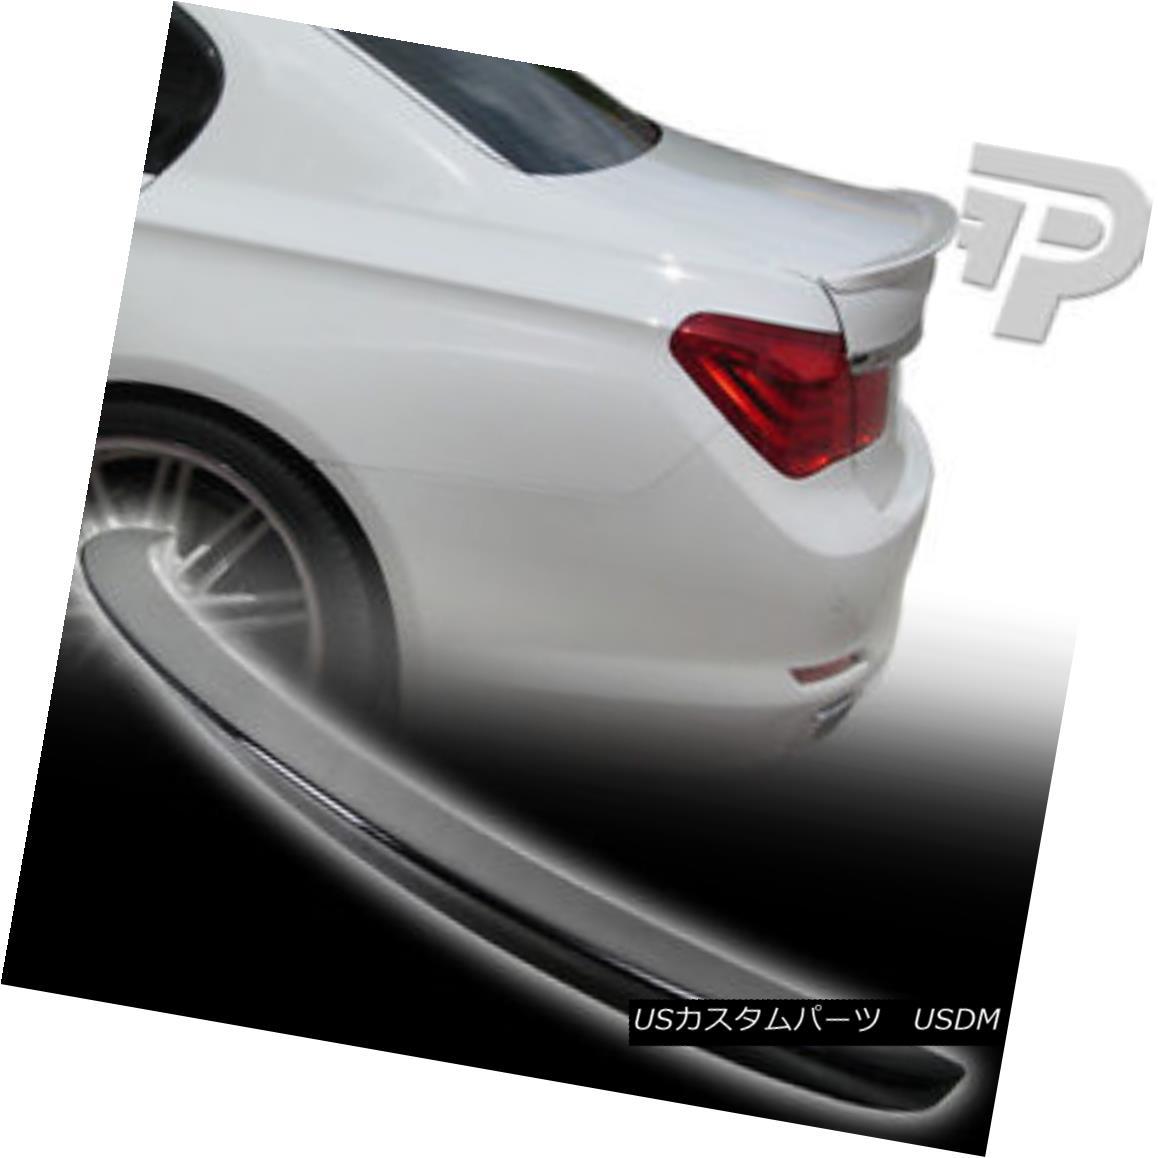 エアロパーツ BMW F01 F02 7-Series 4DR Sedan Rear Boot Trunk Spoiler Carbon Fiber 14▼ BMW F01 F02 7-シリーズ4DRセダンリアブートトランクスポイラー炭素繊維14?